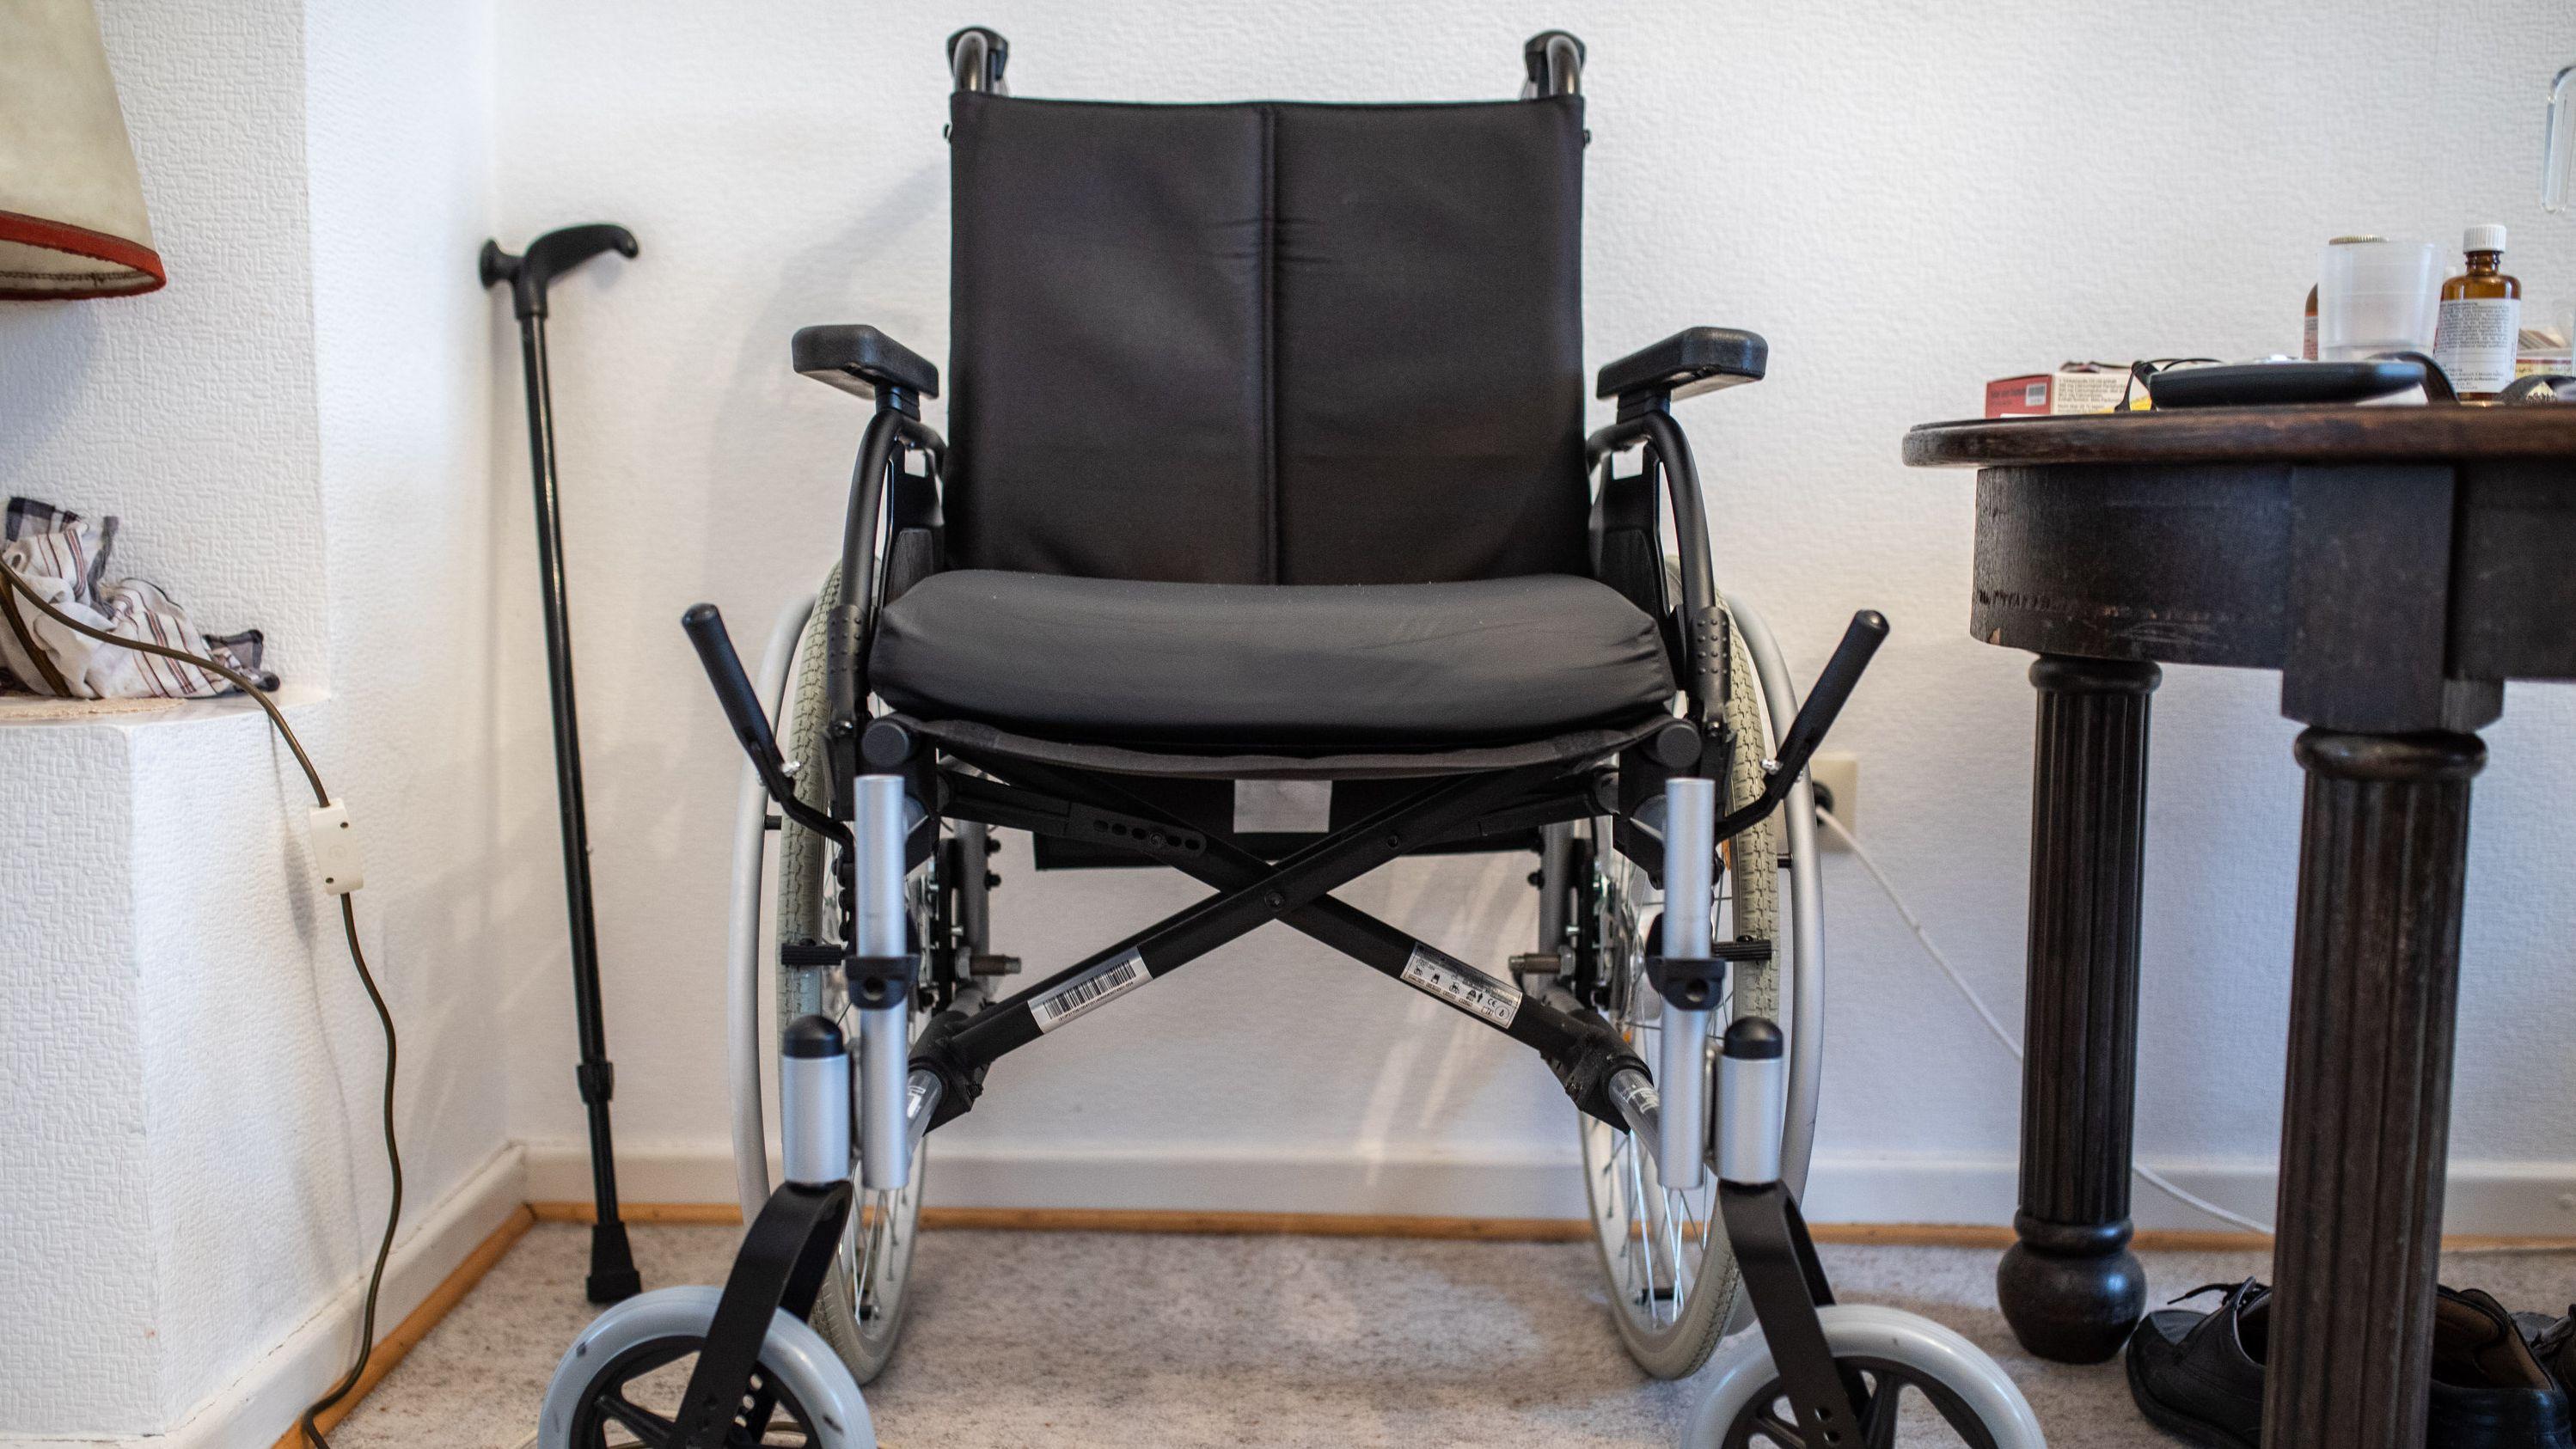 Ein Rollstuhl steht in einer Wohnung an einer Wand